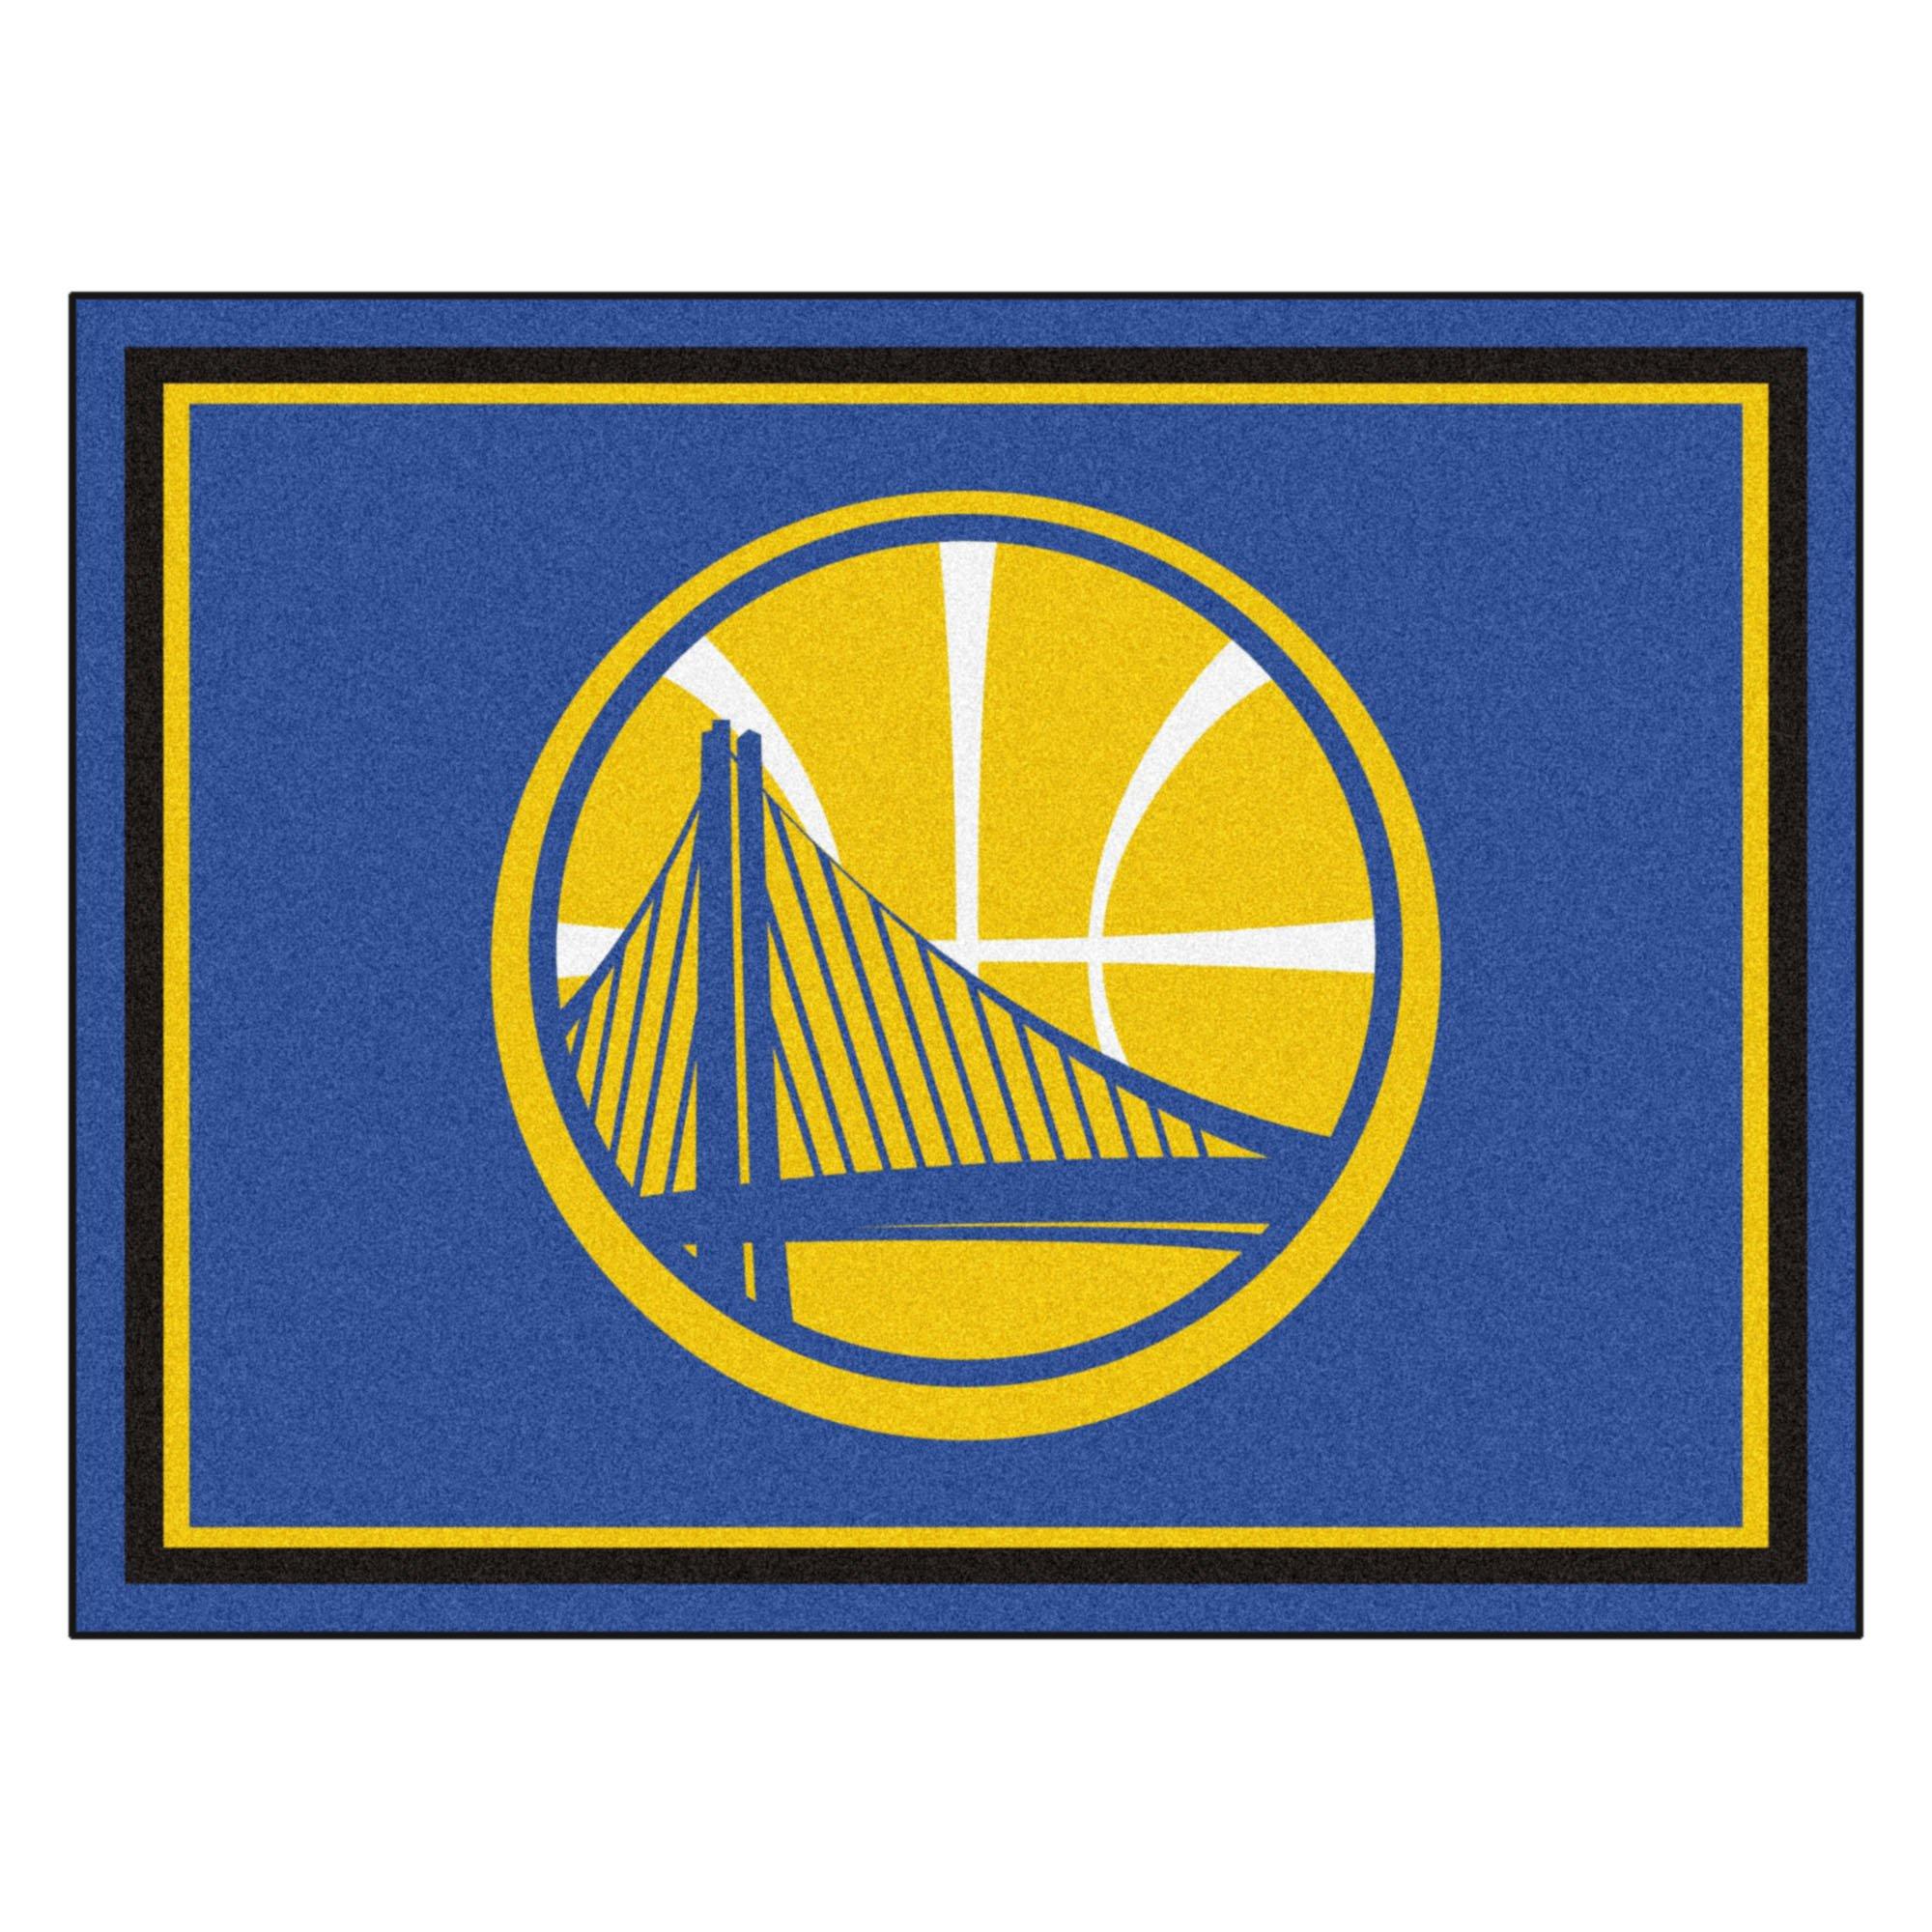 FANMATS 17451 NBA Golden State Warriors Rug